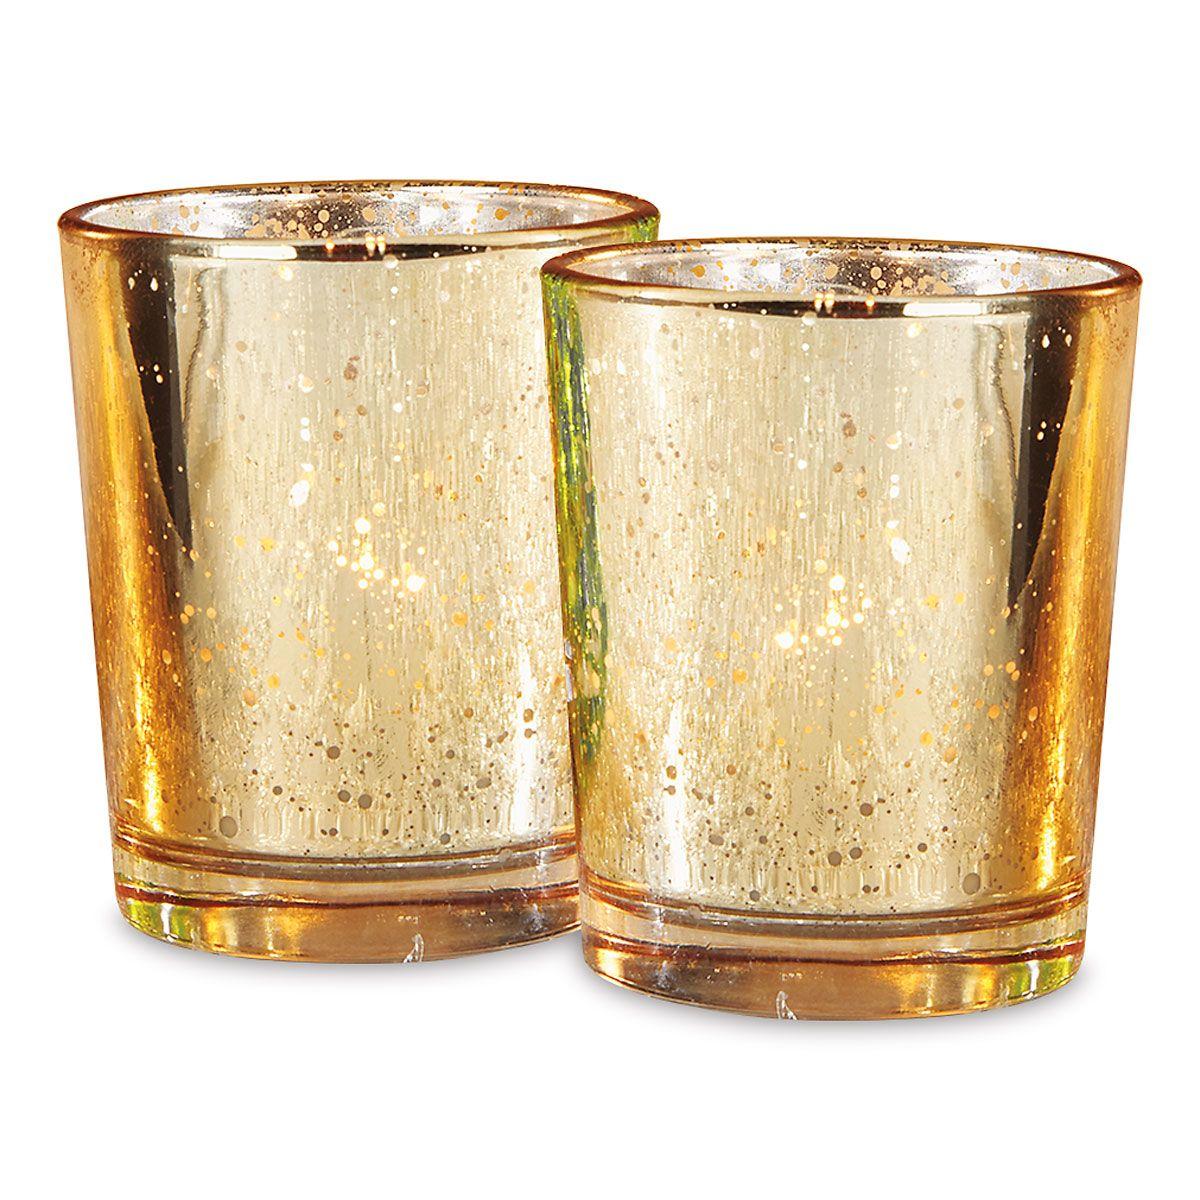 Gold Glass Tealight Holders - BOGO